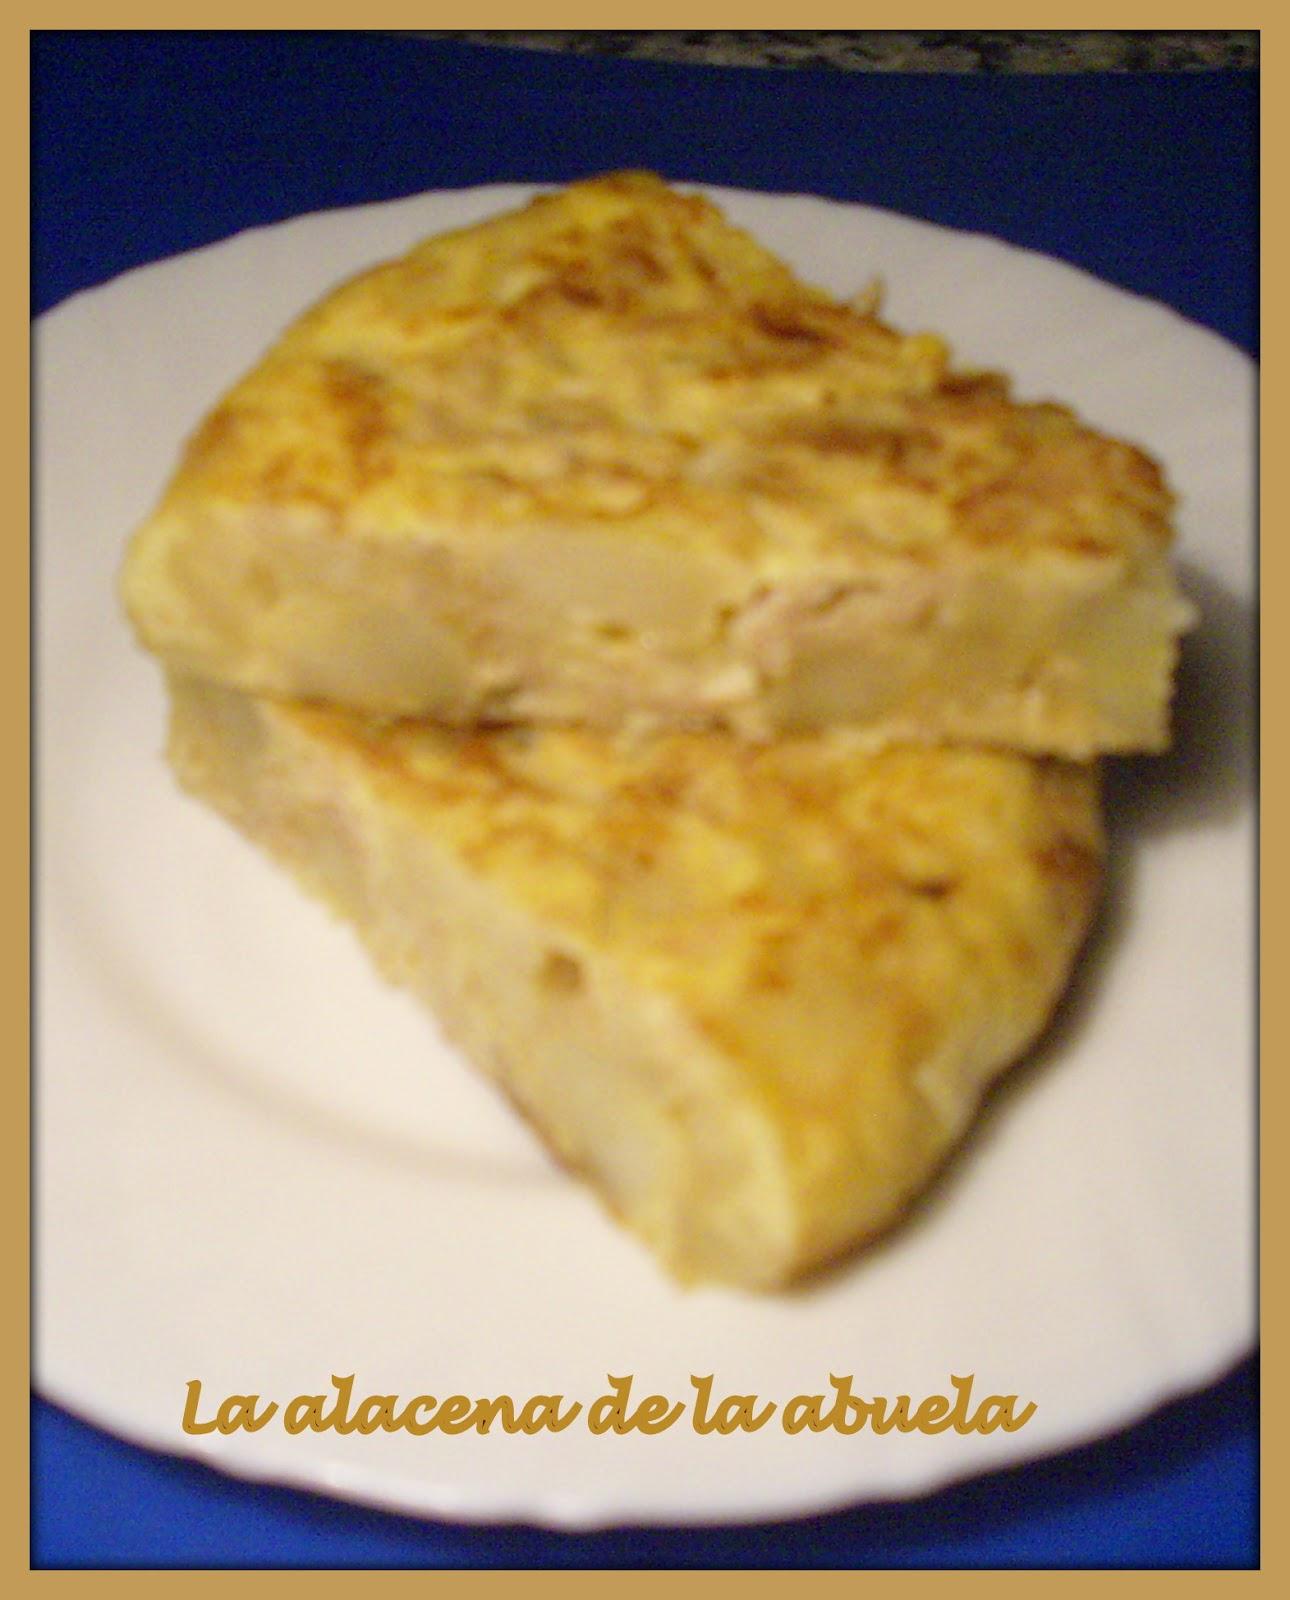 La alacena de la abuela carmen tortilla cant brica for Cocina casera de la abuela